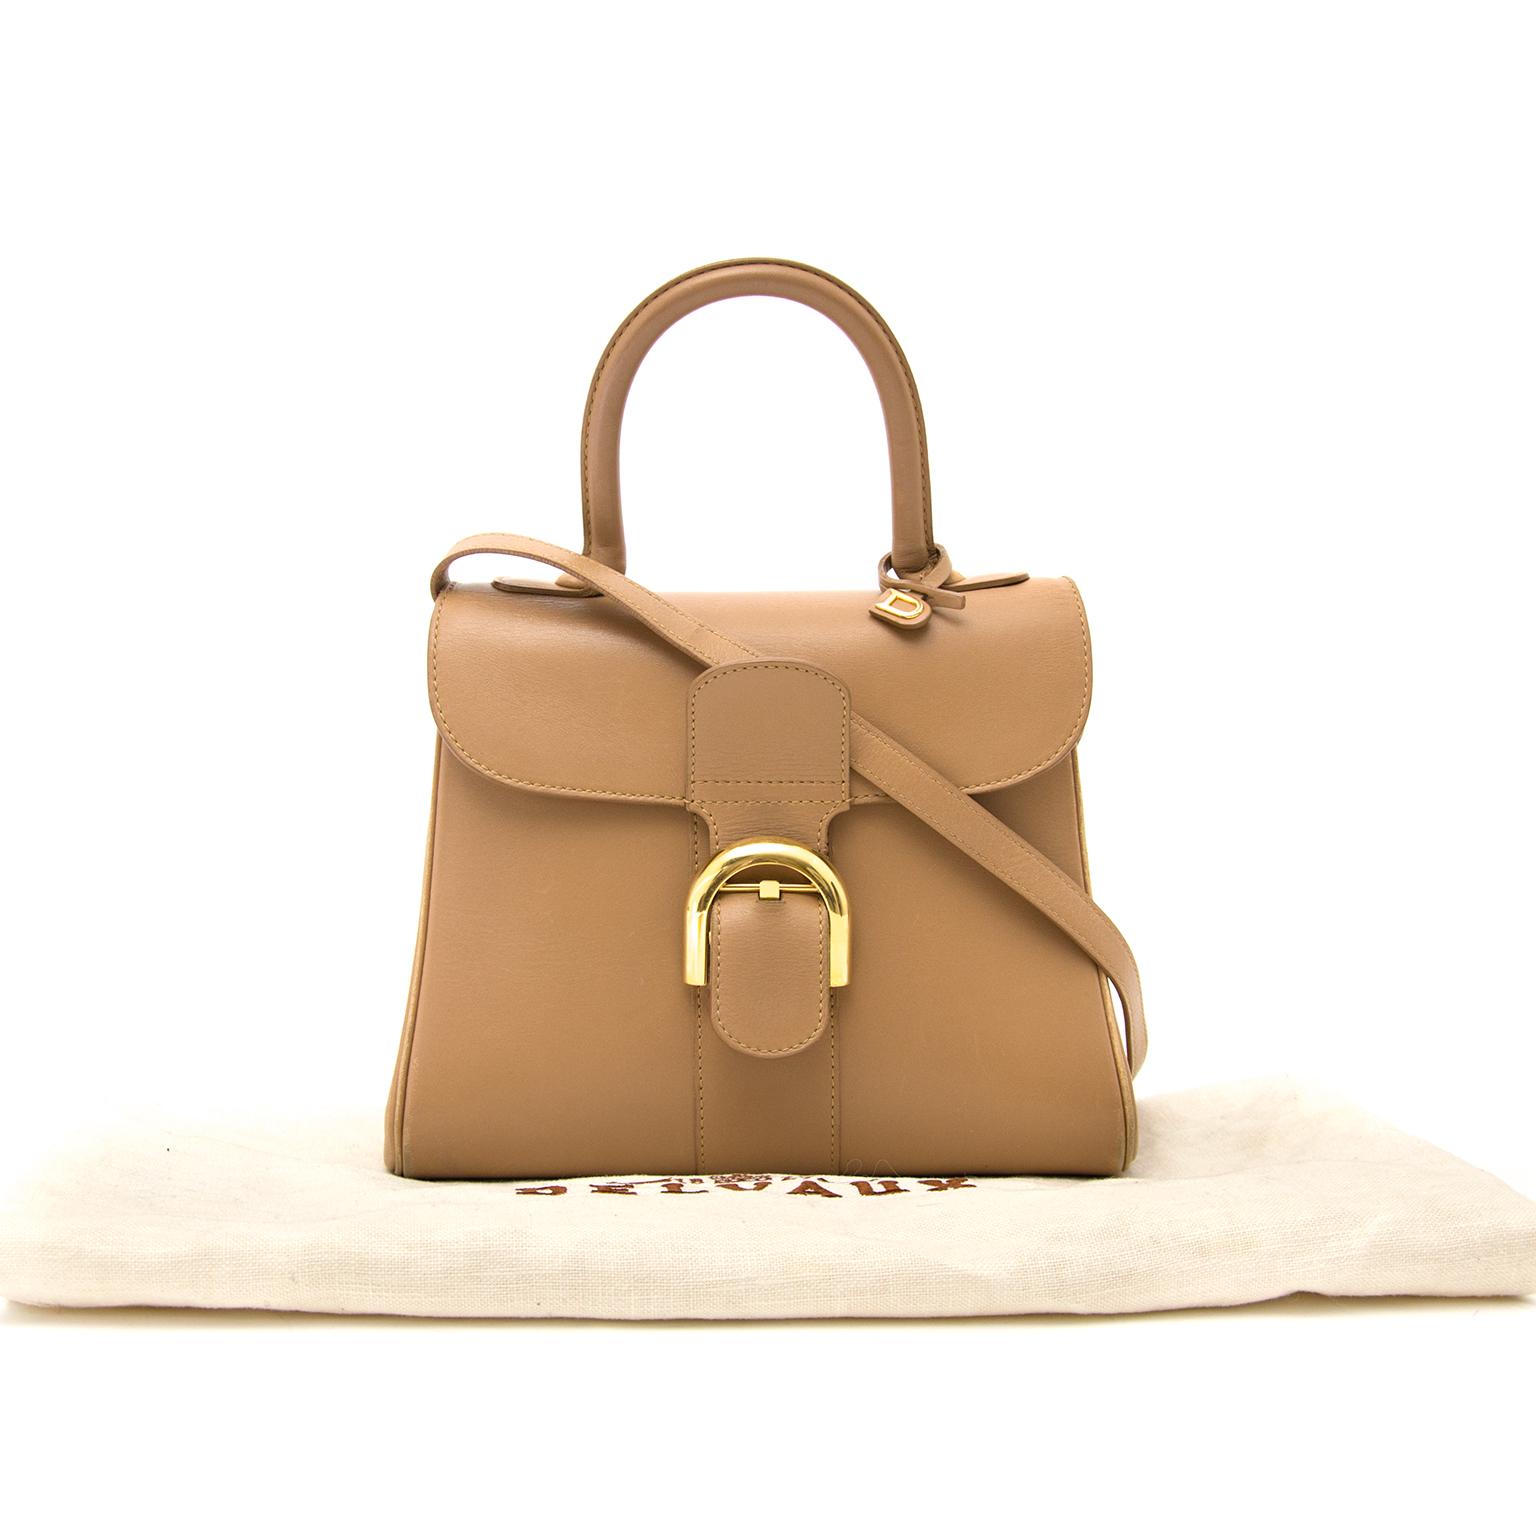 koop veilig online teedehands aan de beste prijs jou tweedehands  Delvaux Sand Brillant PM + strap